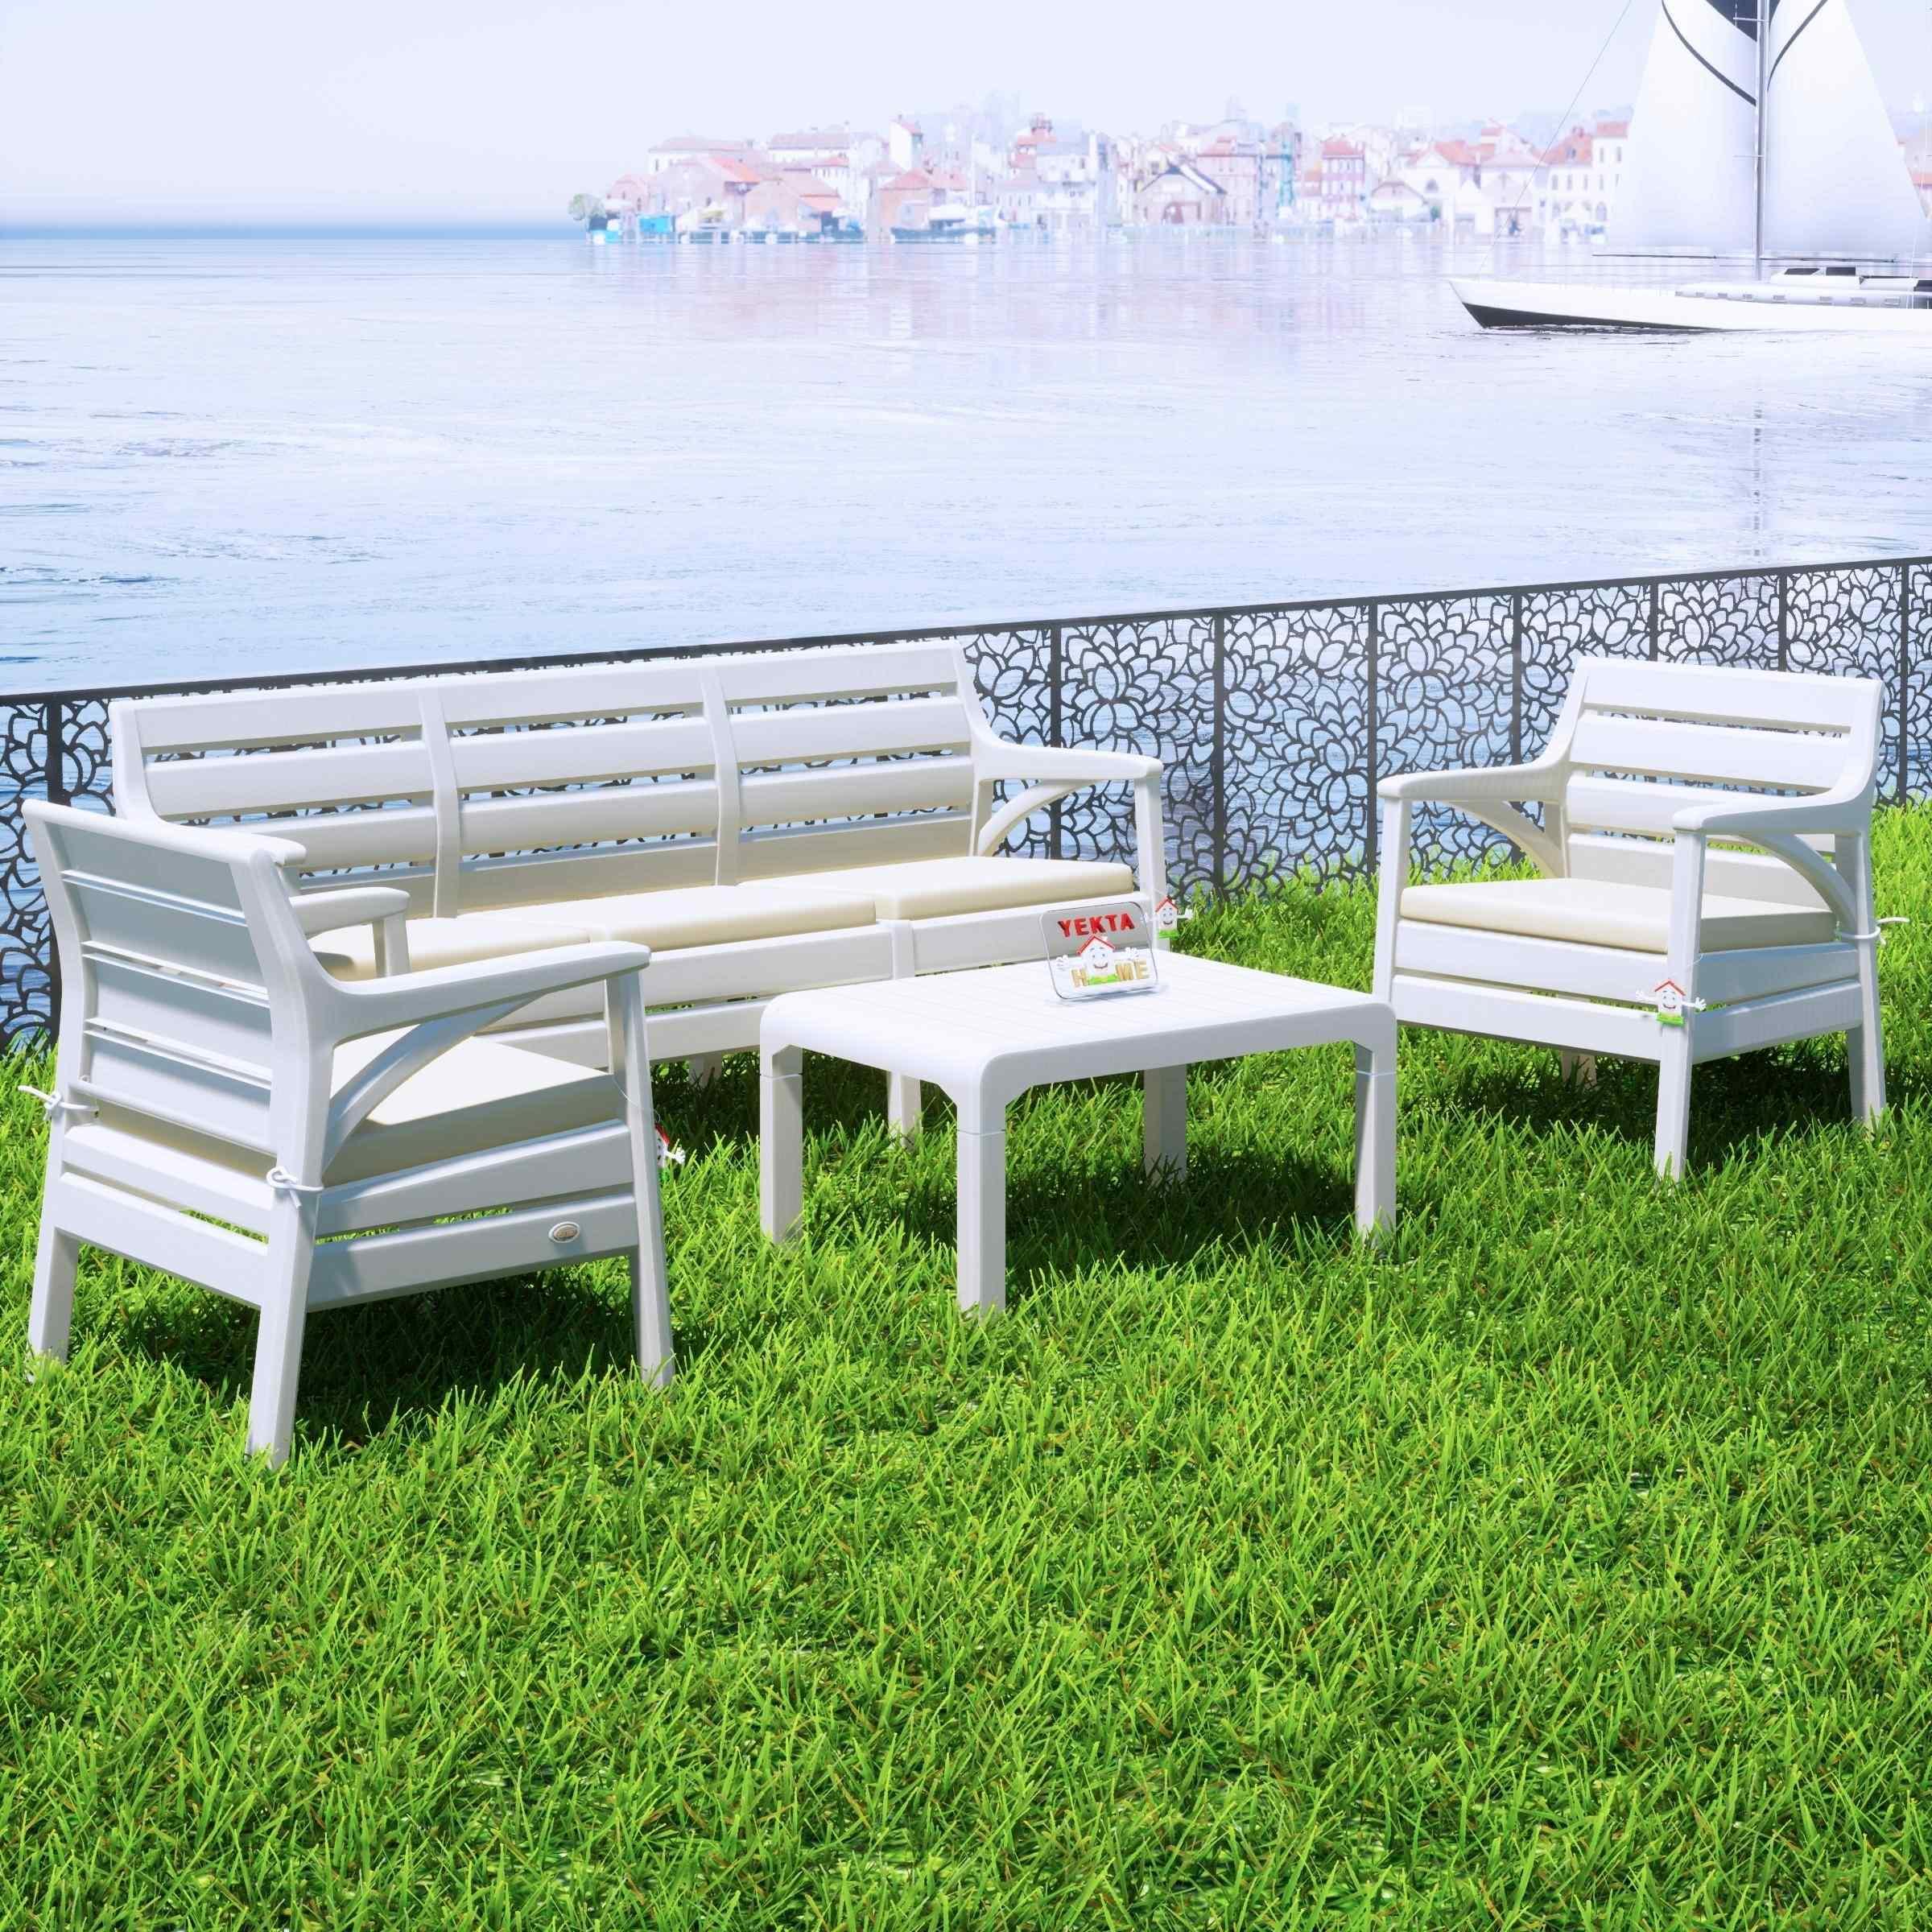 Holiday Hawai Bahçe Mobilyası Oturma Grubu Balkon Koltuk Takımı Beyaz